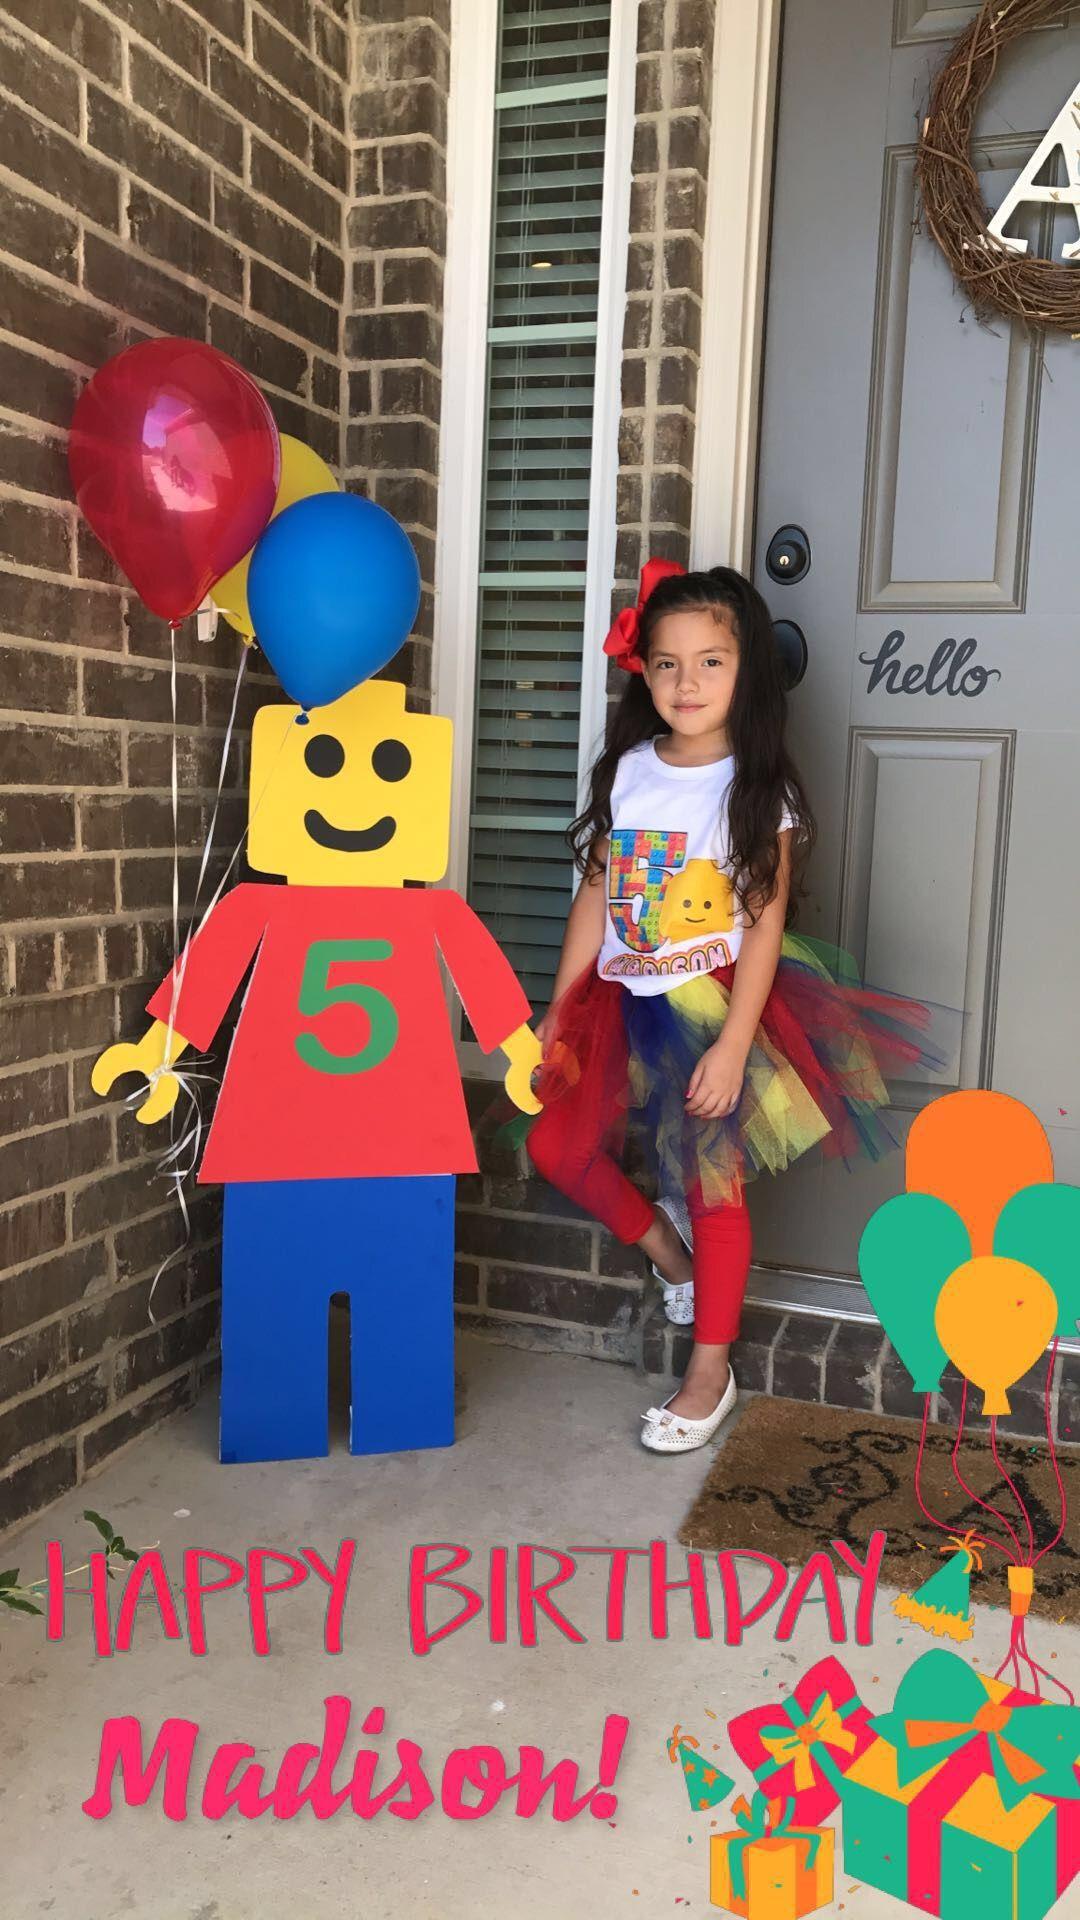 Lego Birthday Party Decoration Ideas In 2019 Lego Birthday